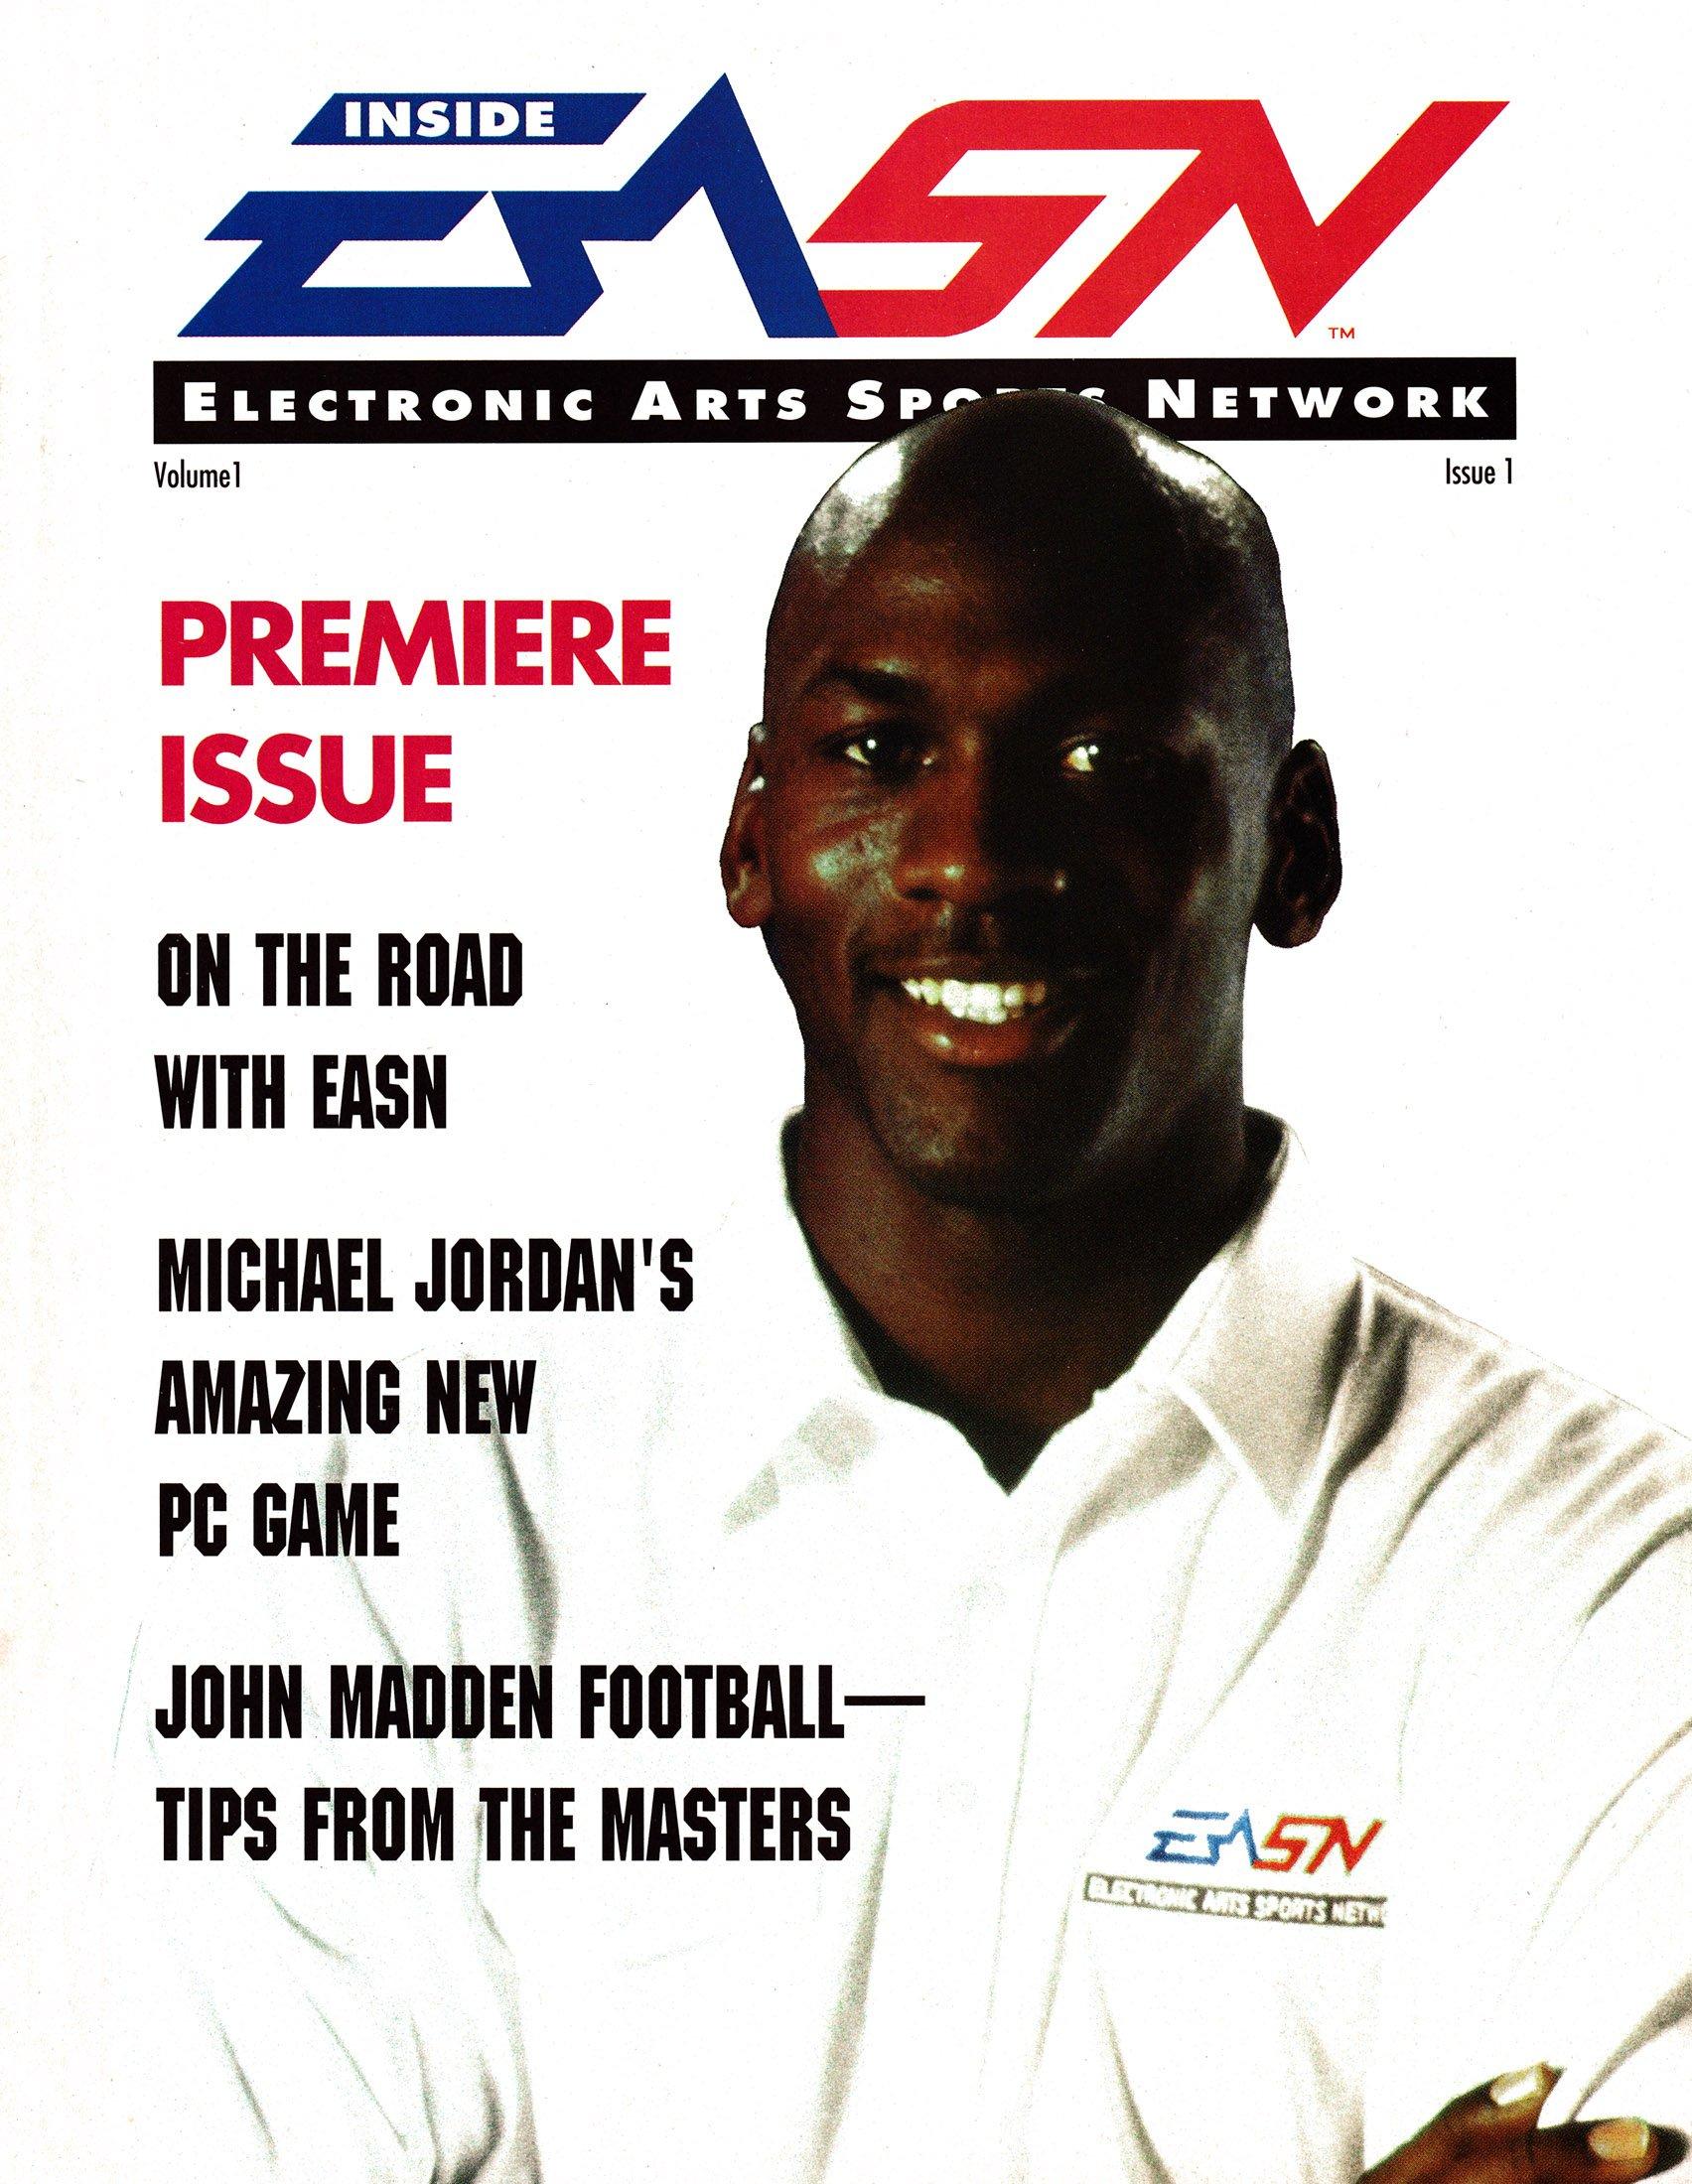 Inside EASN Volume 1 Issue 1 (1992)